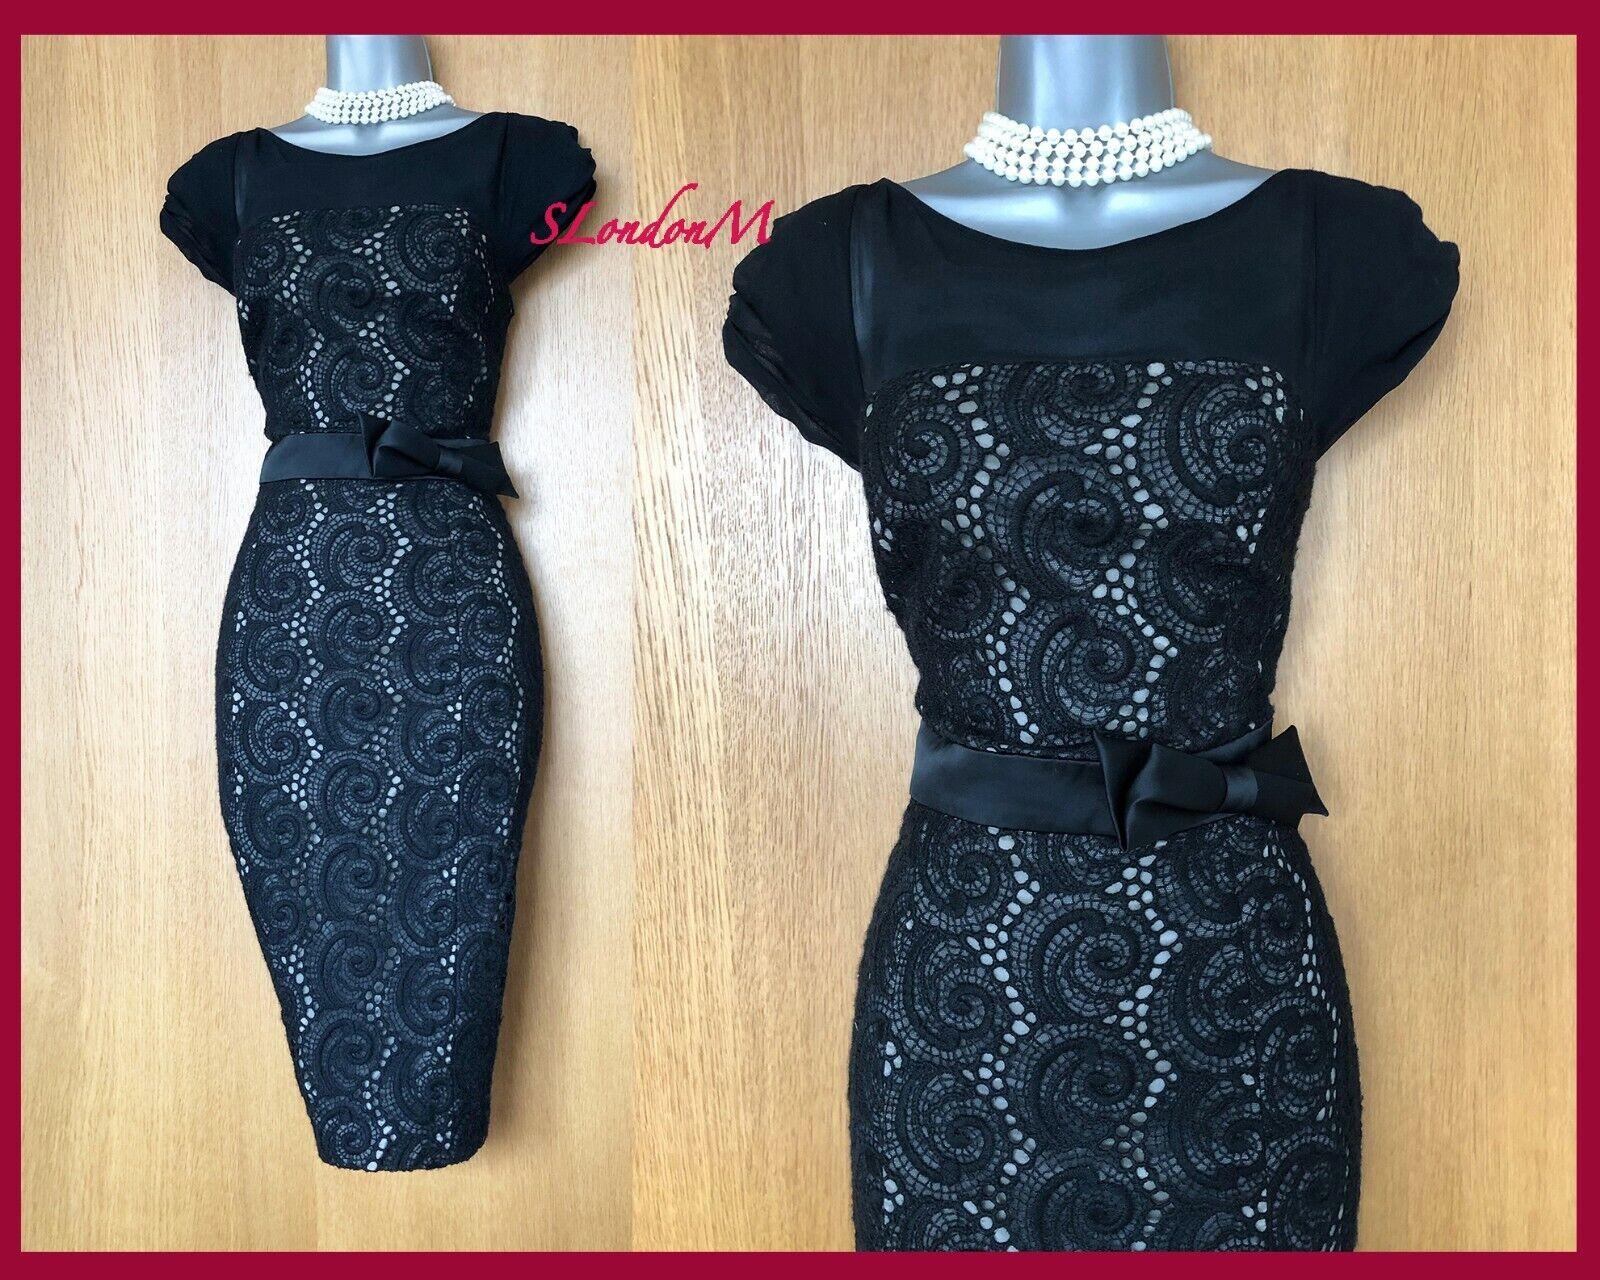 Exquisite Karen Millen 14 UK schwarz Lace Applique Pencil Dress Occasion Party 42